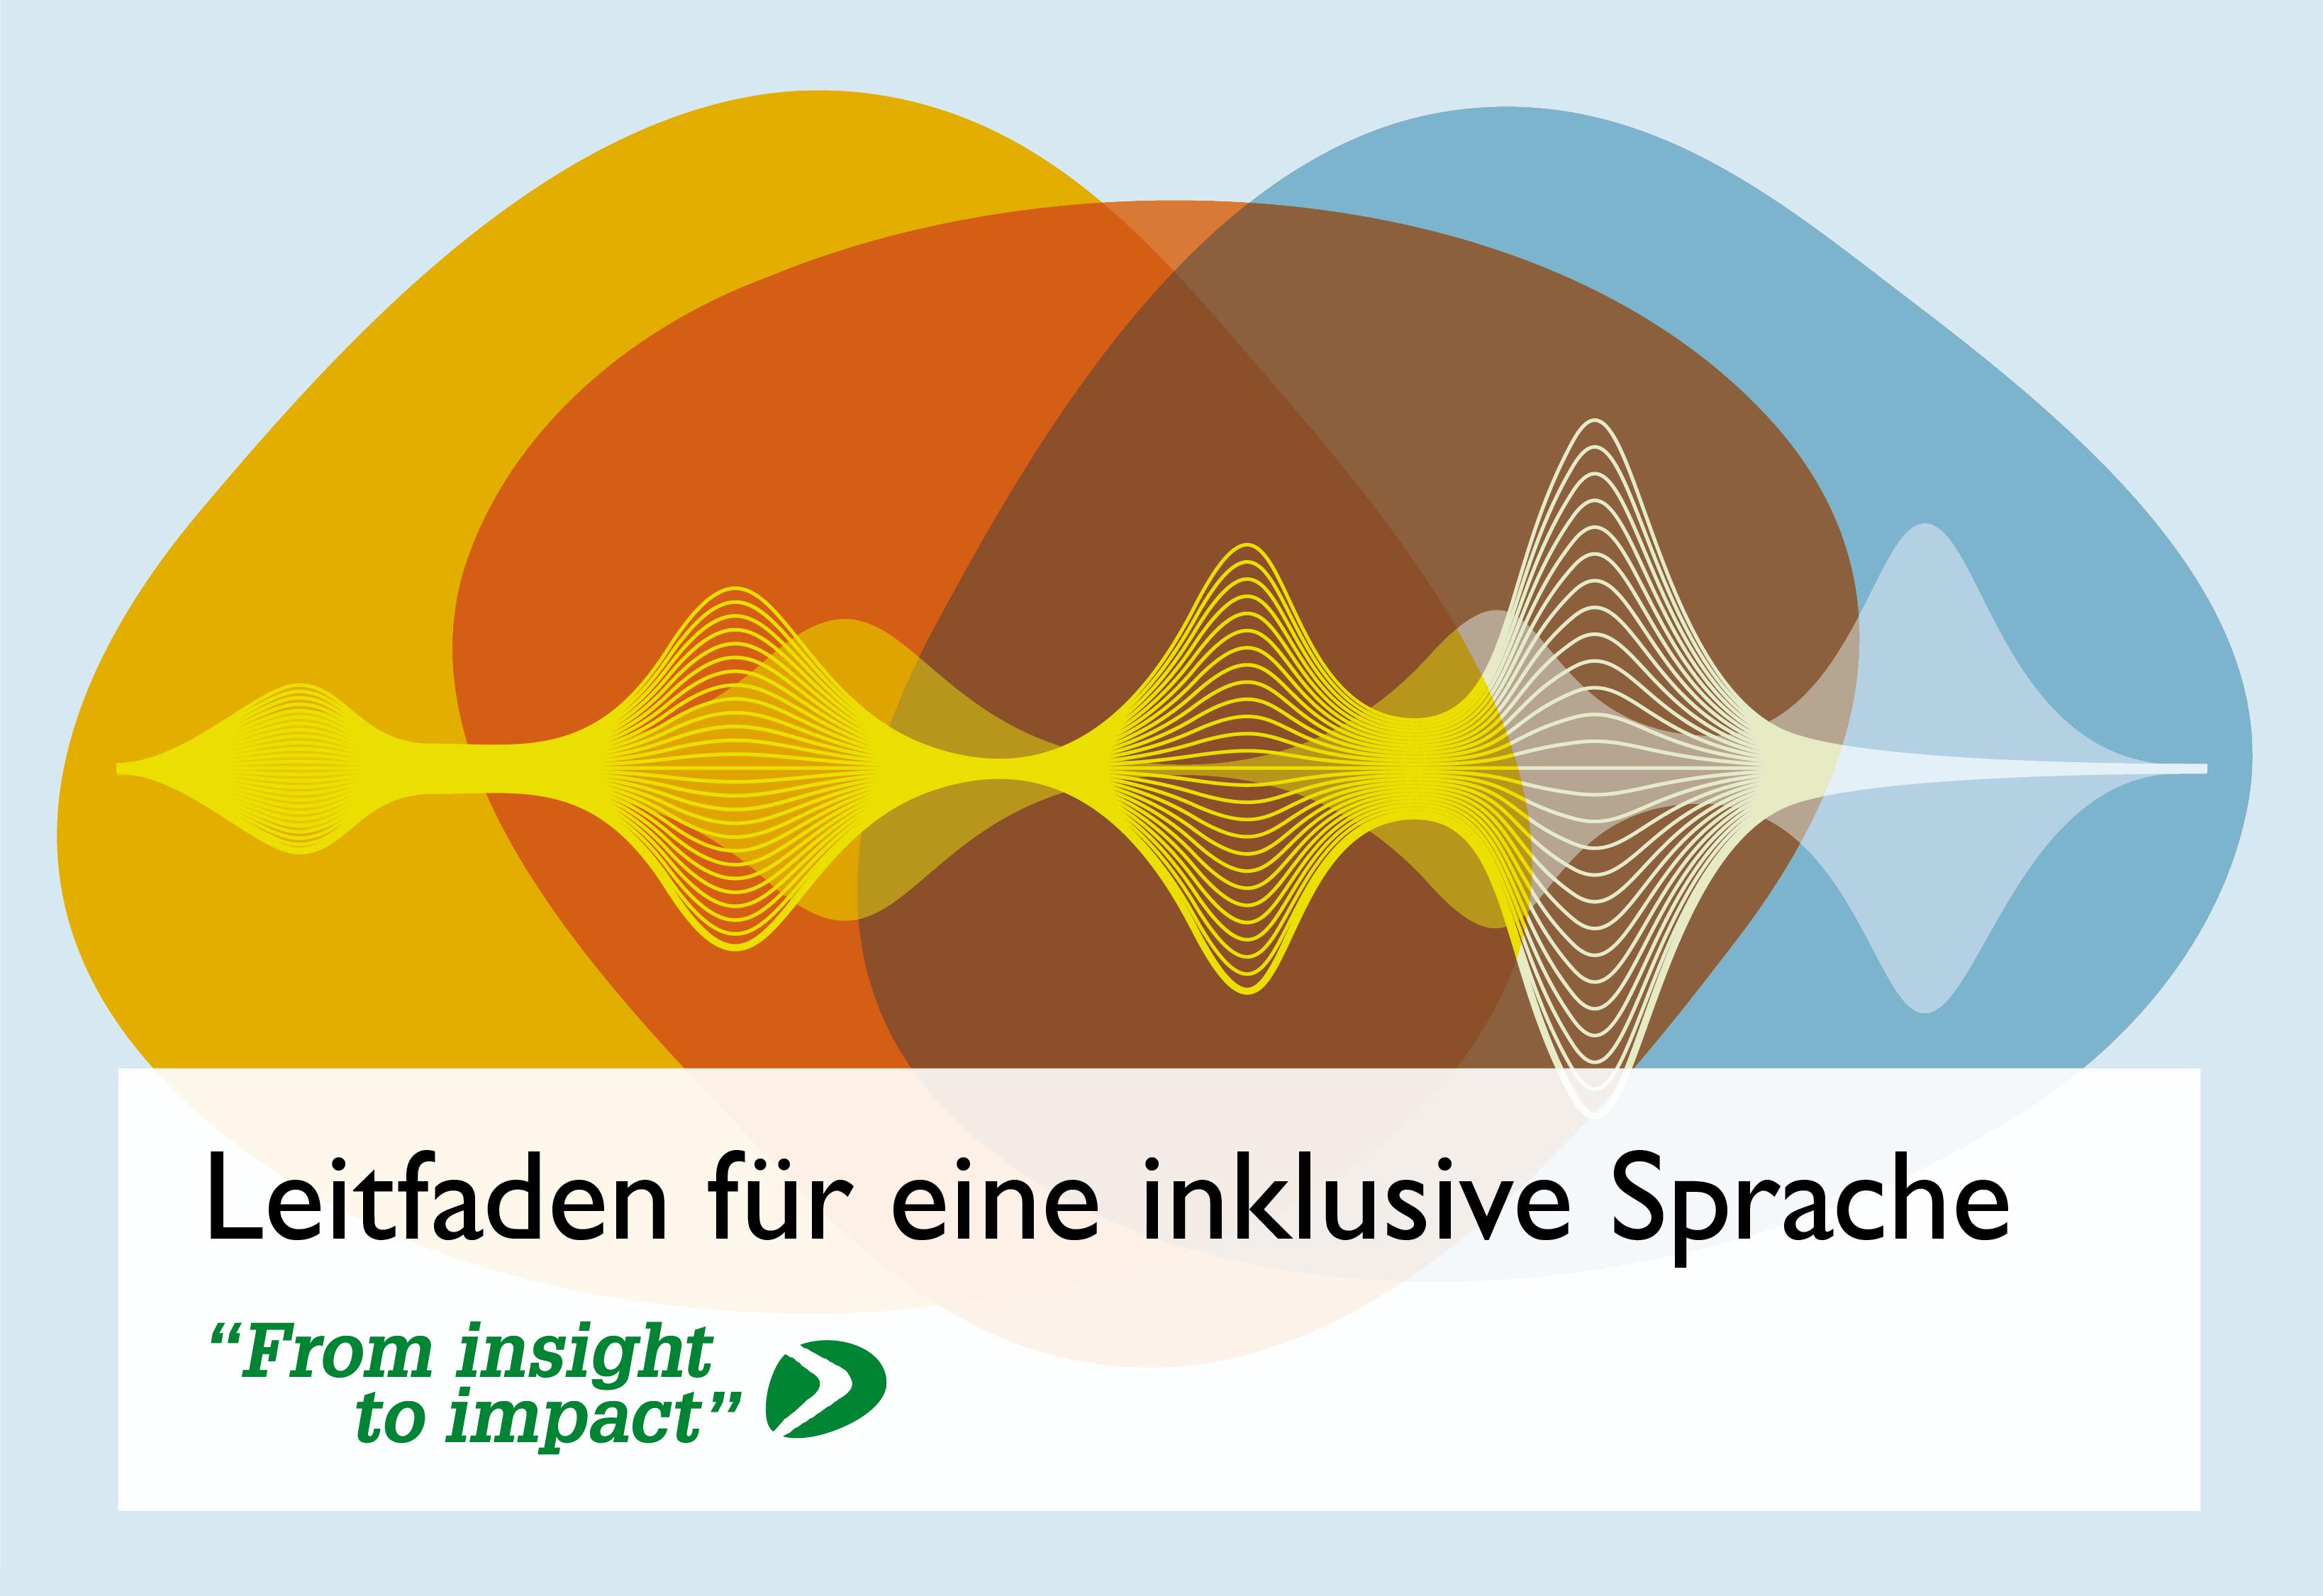 HSG Leitfaden für eine inklusive Sprache (Bild)